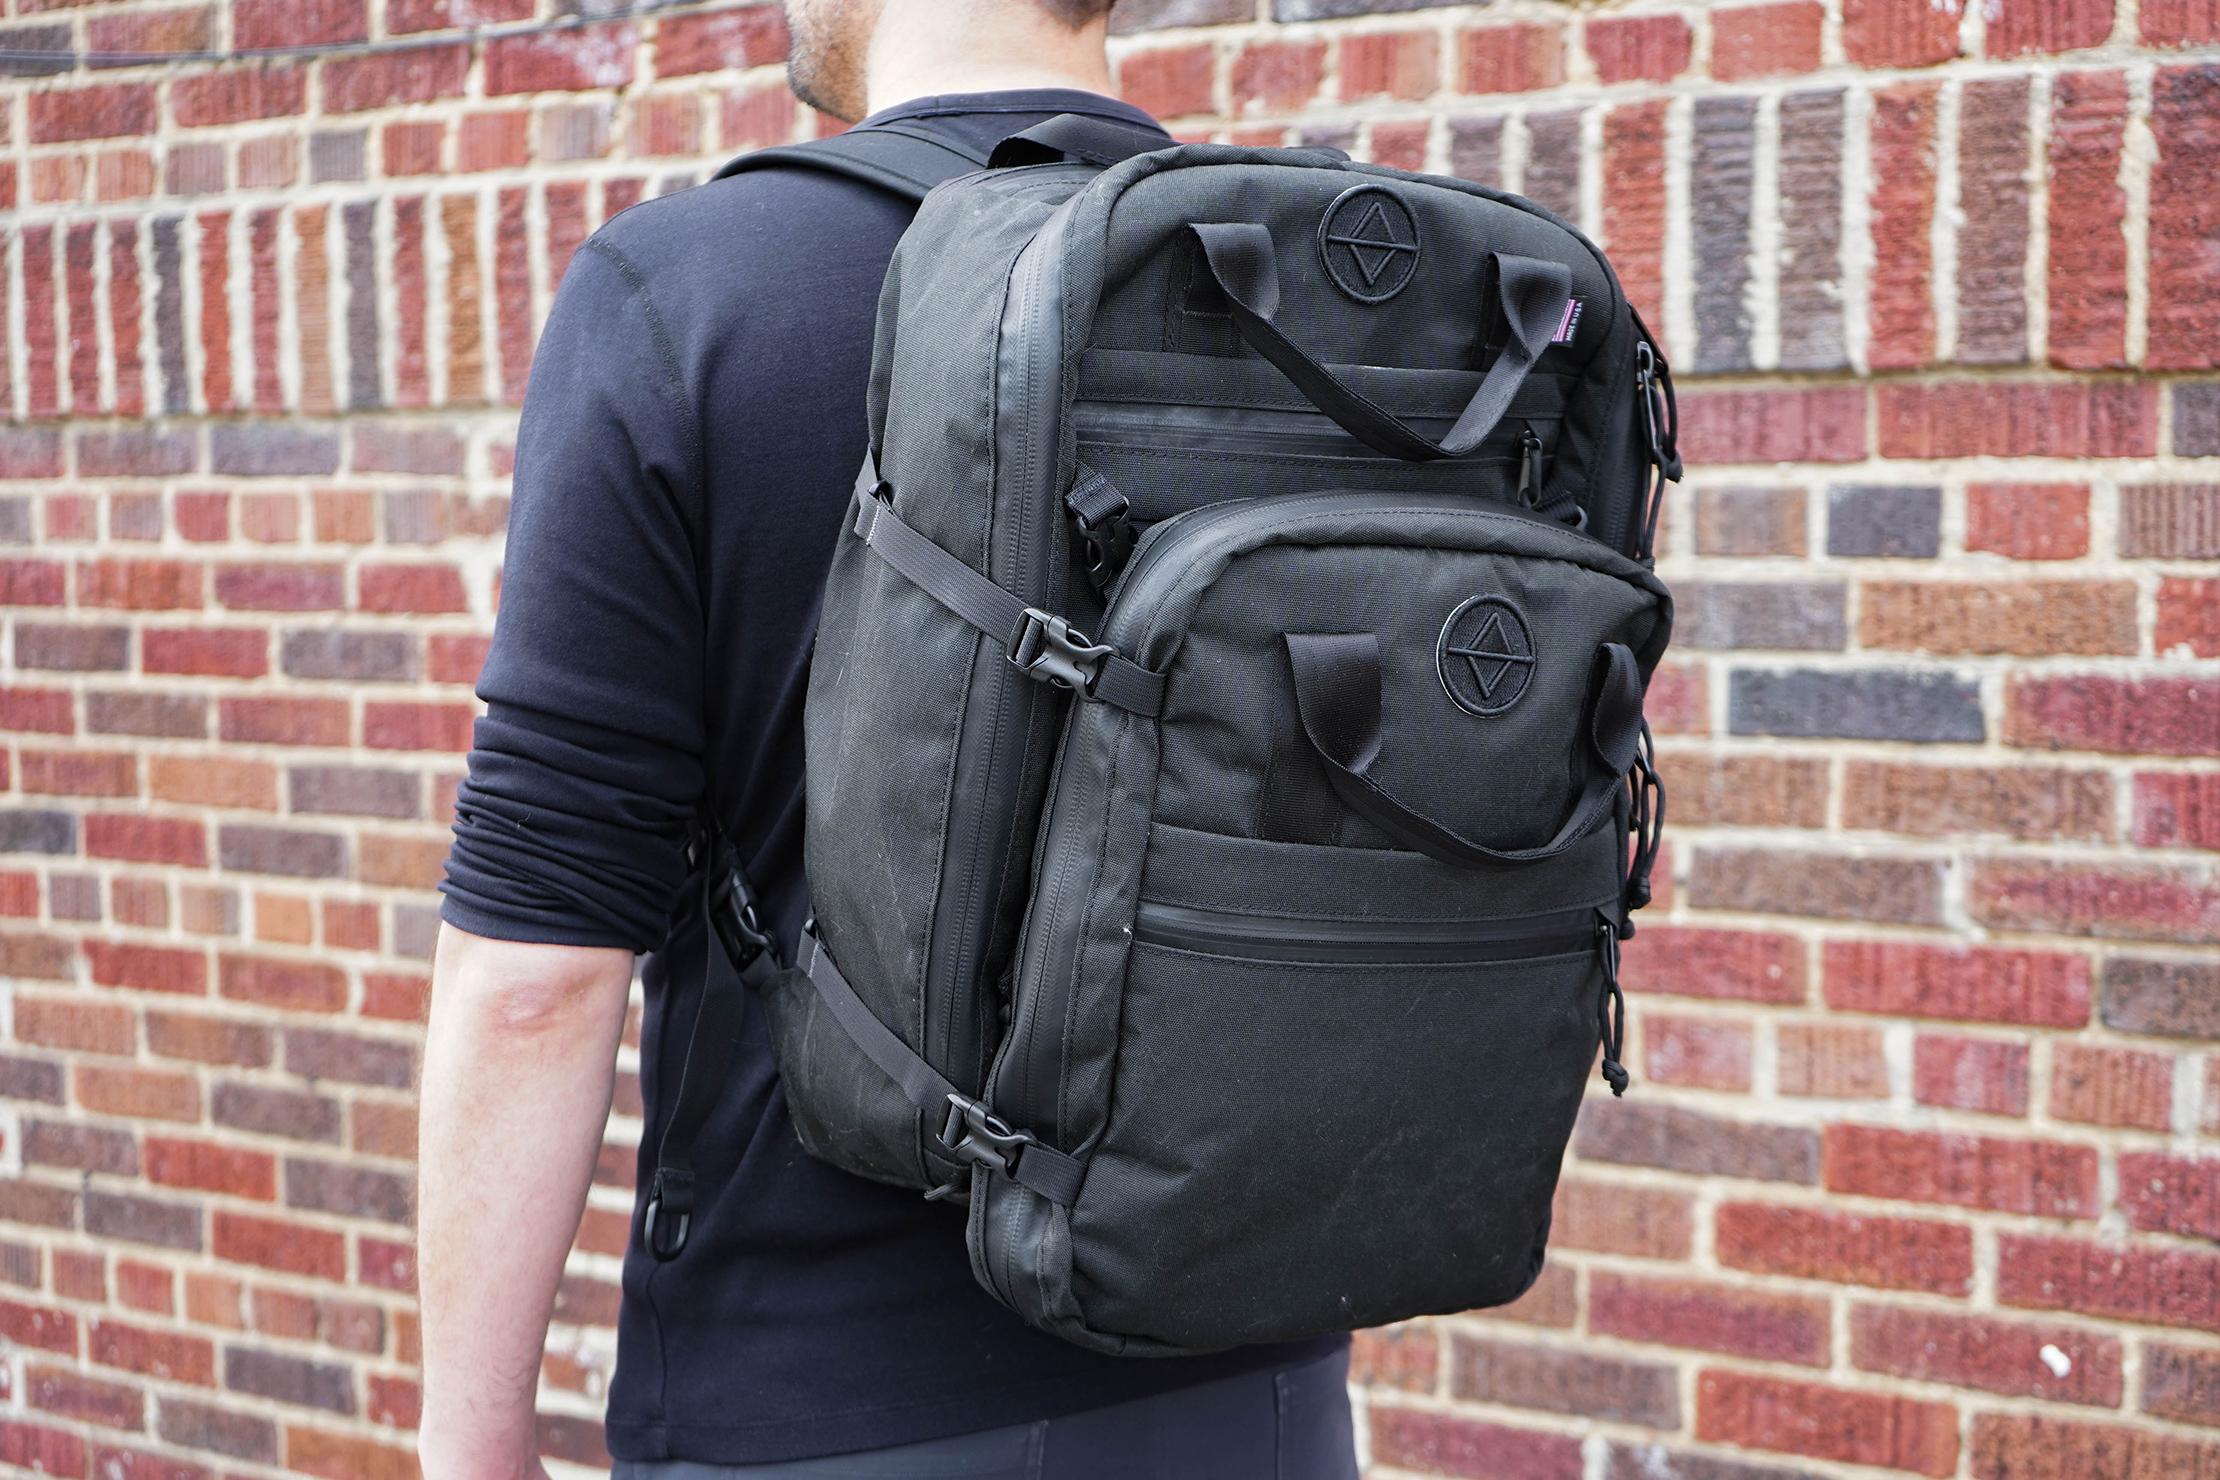 North St. Bags Weekender Meeting Bag Attached to Weekender Backpack